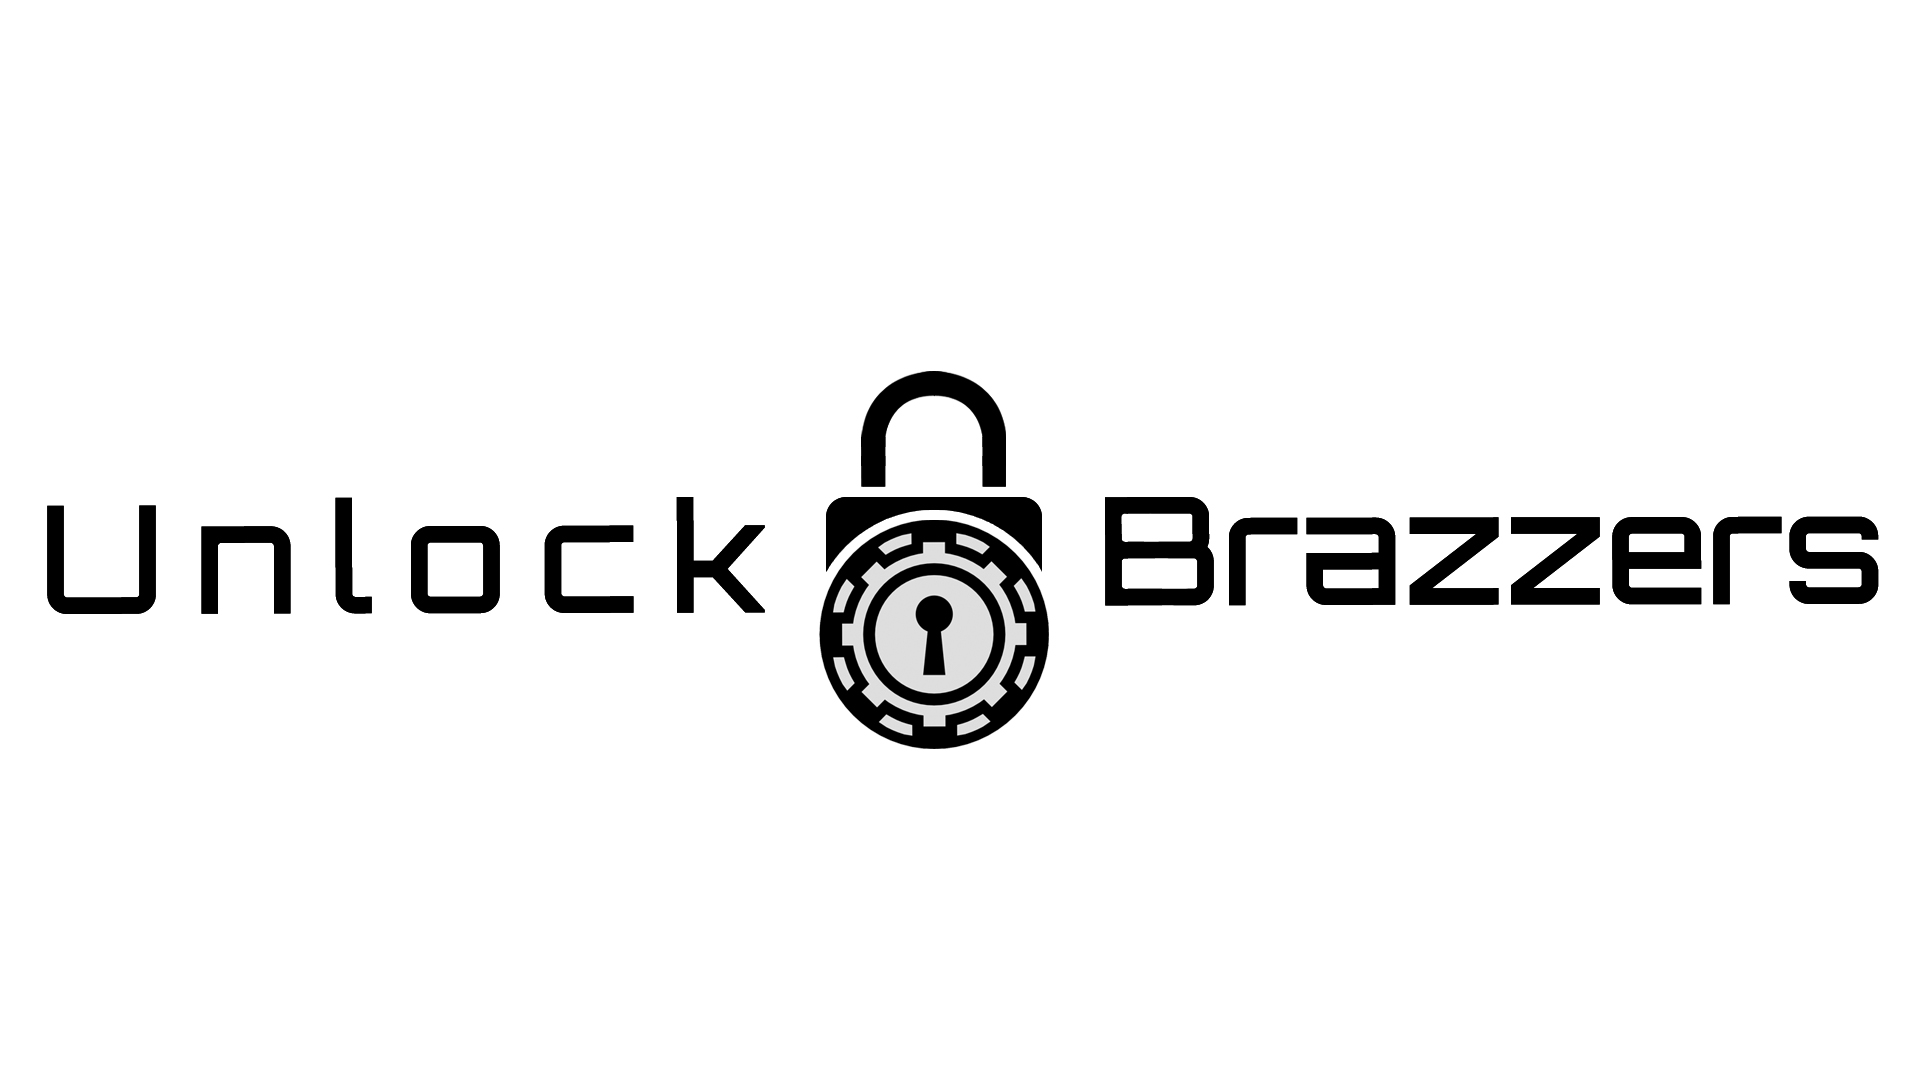 UnlockBrazzers